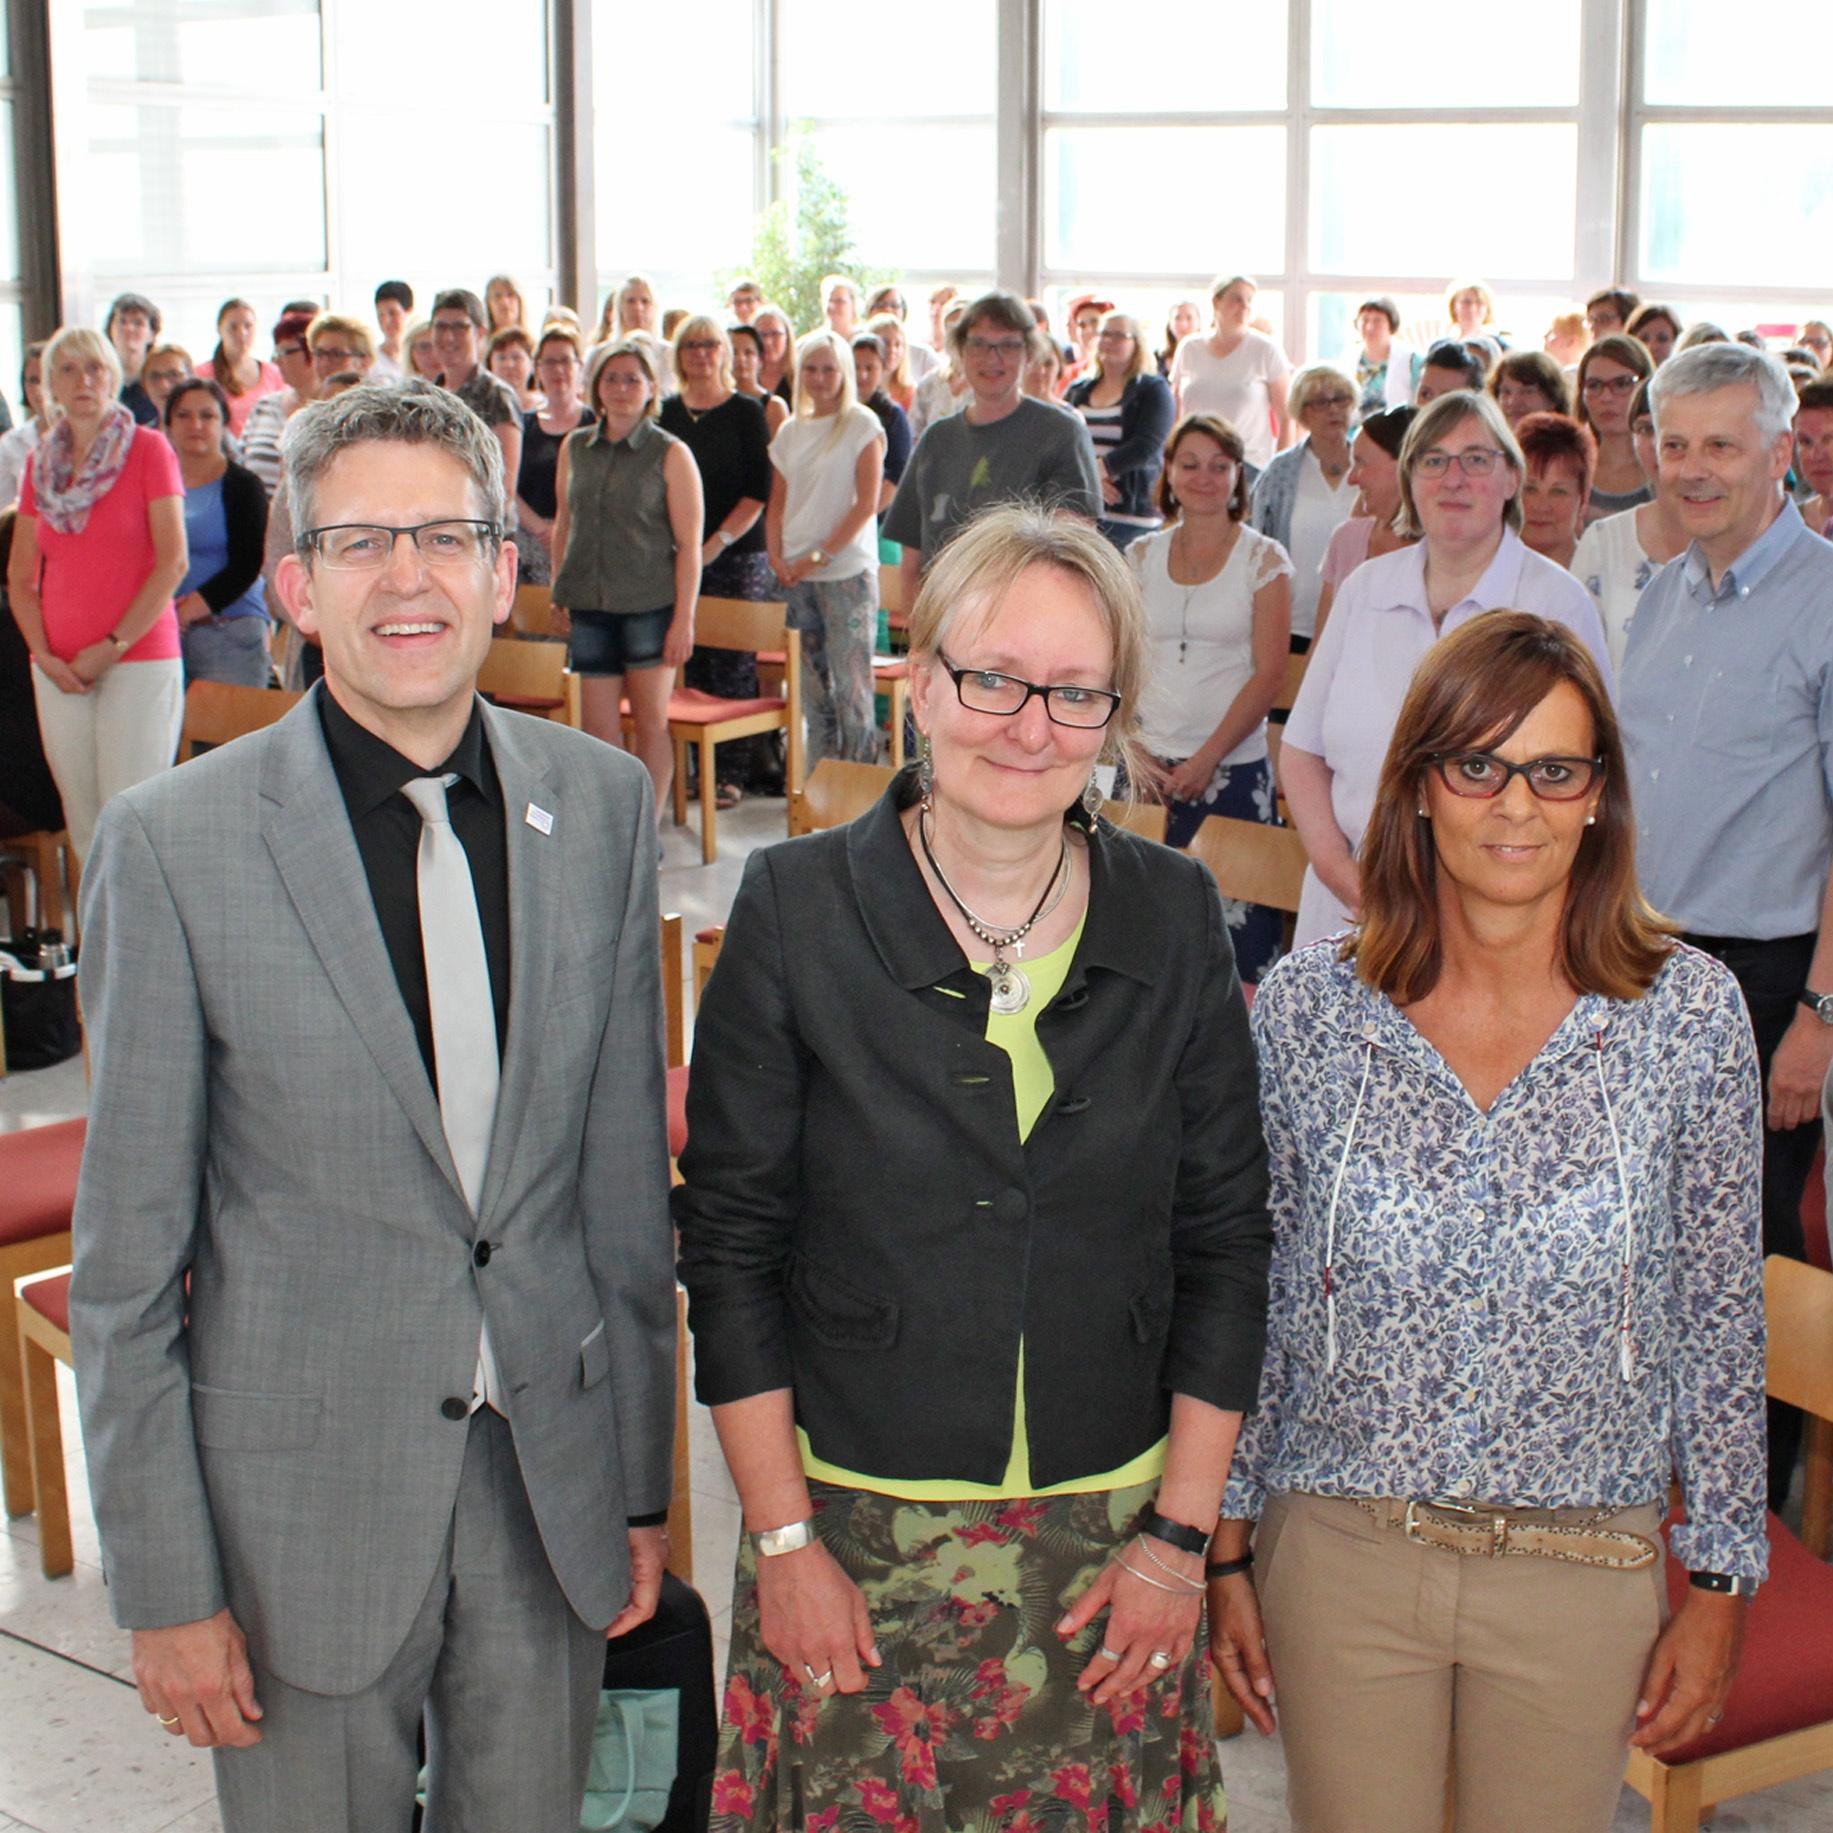 ZIEL Gute Qualität der bisherigen Arbeit im Kirchenkreis Paderborn weiter entwickeln Auftakt Qualitätsmanagementsystem in Evangelischen Kindertageseinrichtungen